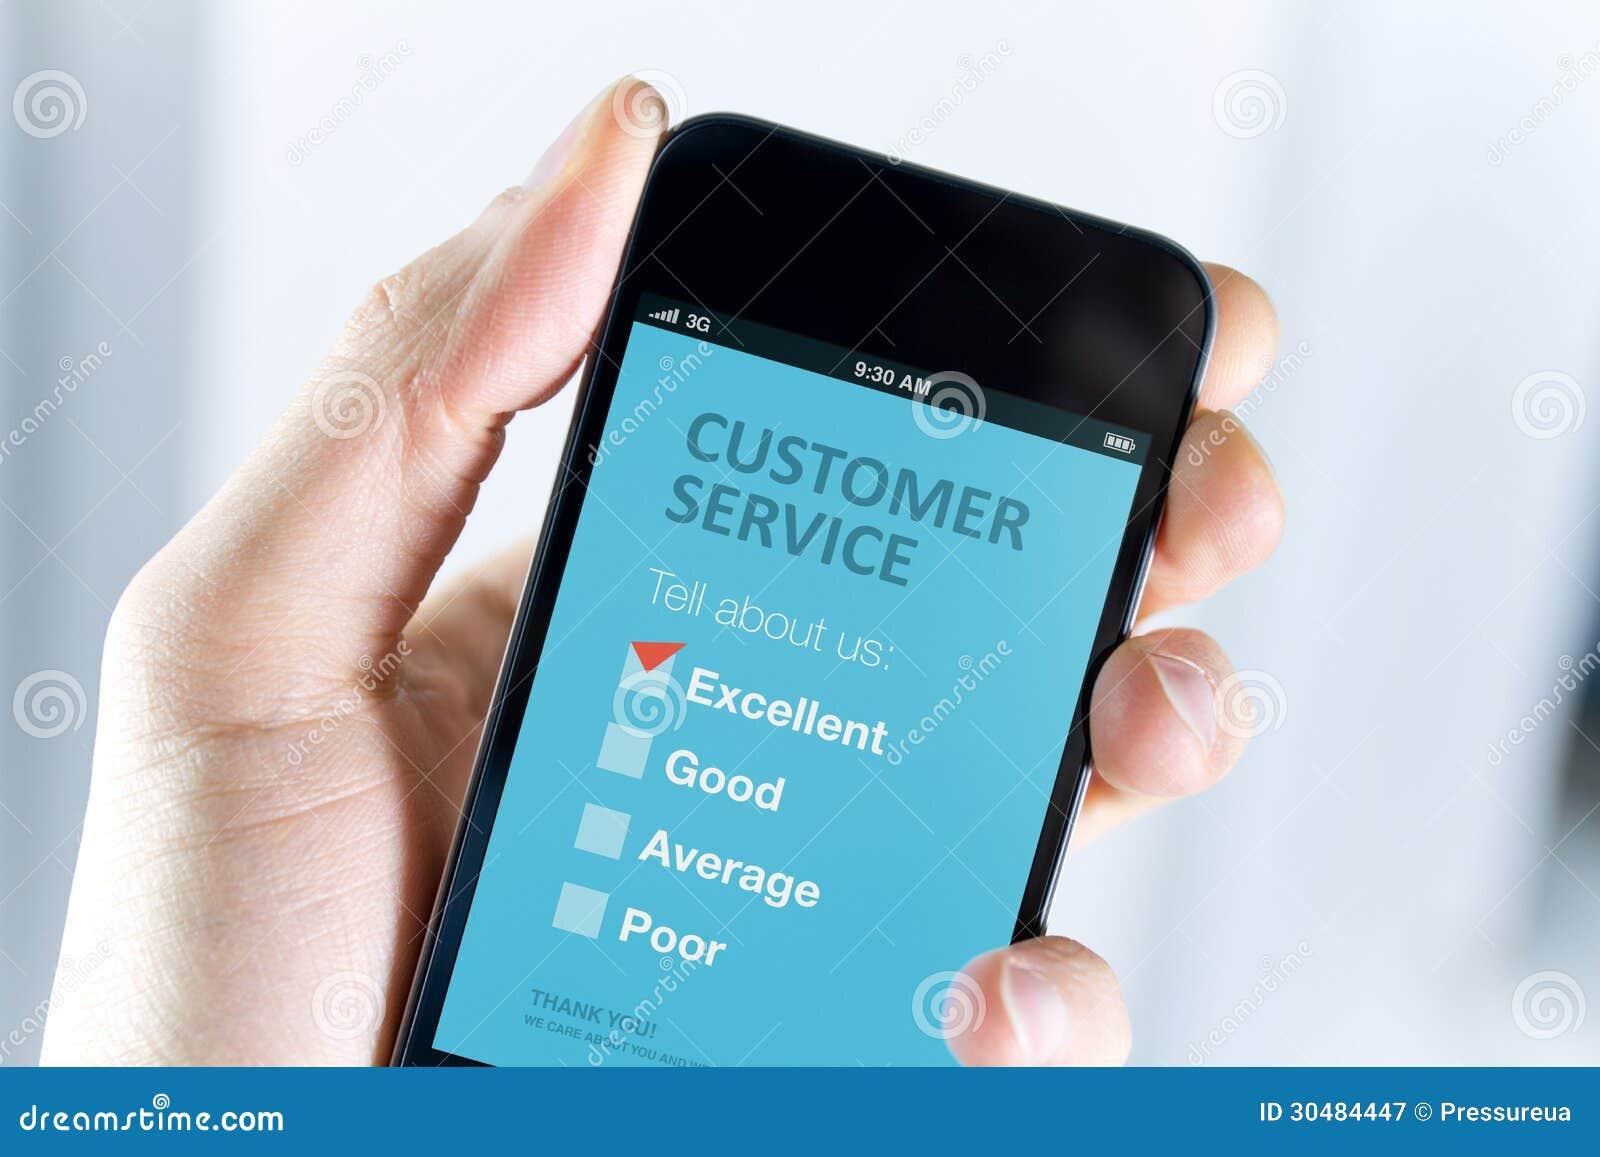 Excellent appui de service client